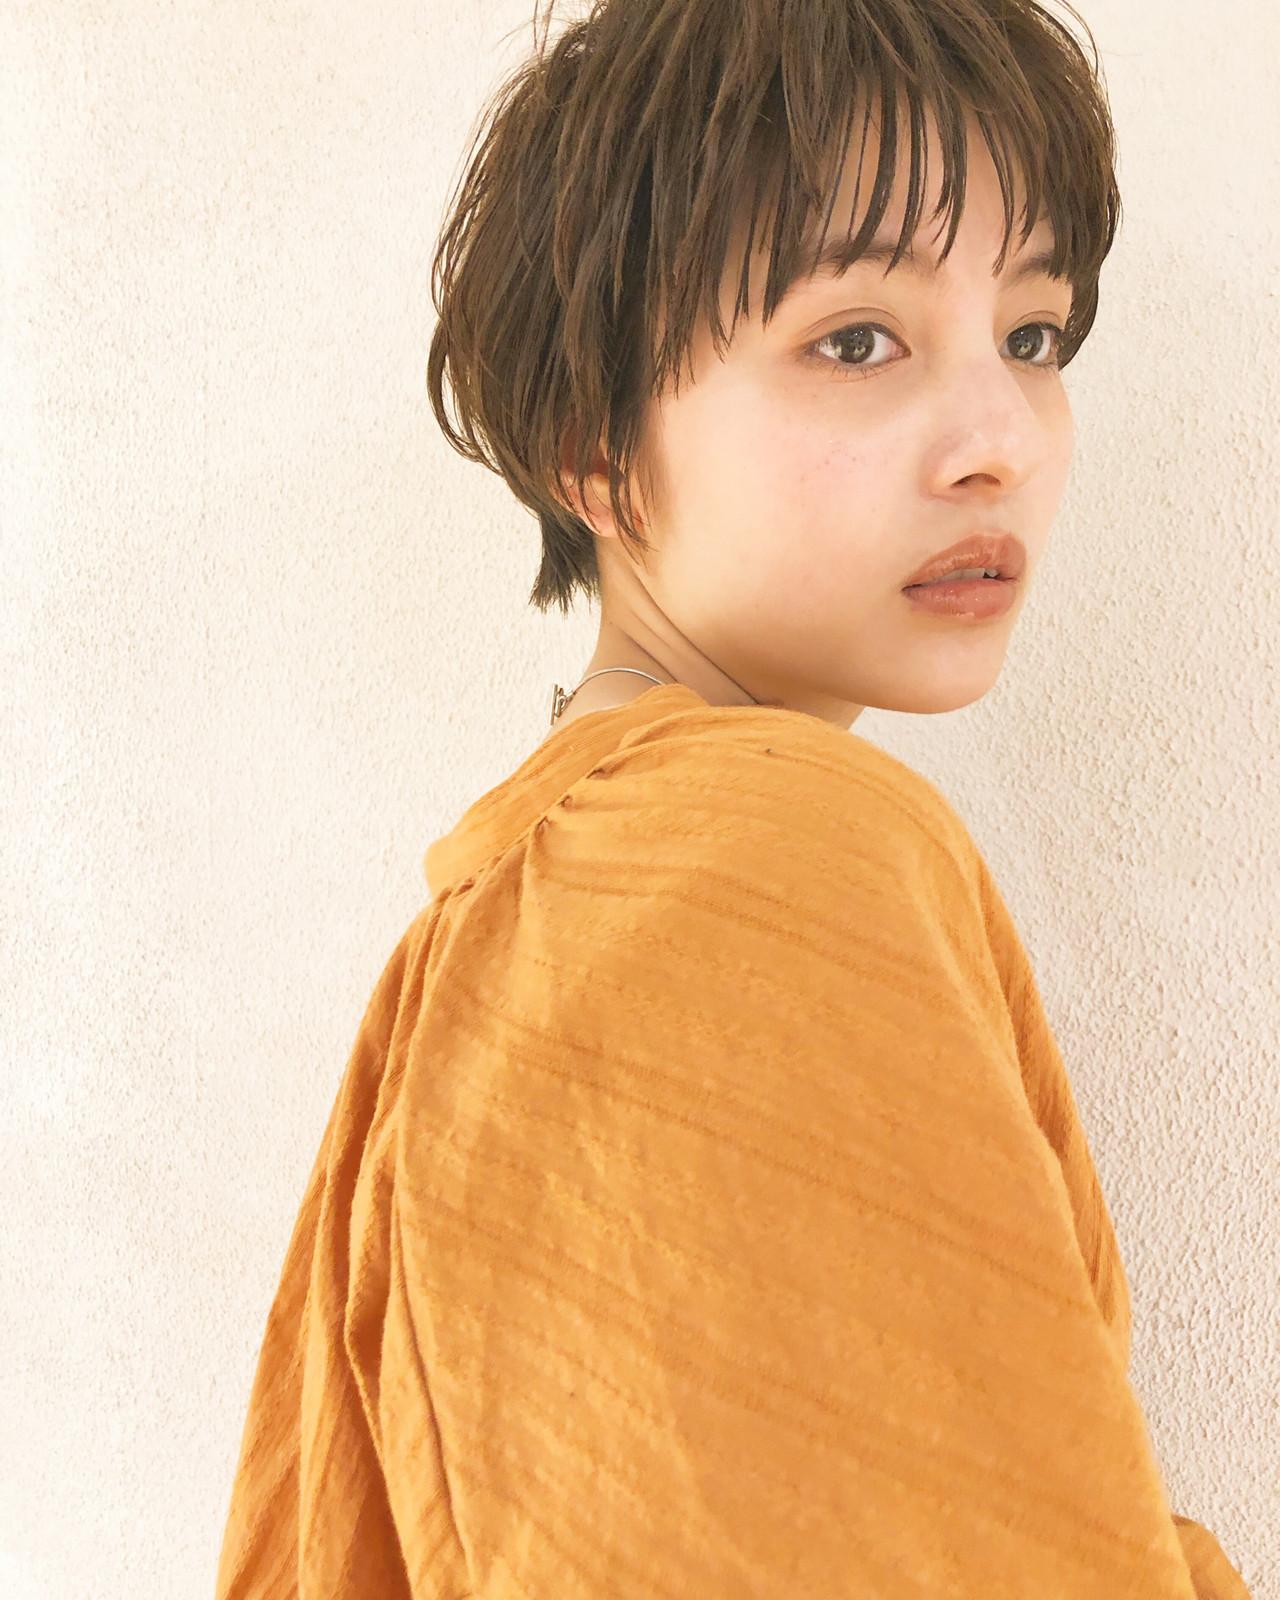 ナチュラルベージュ ヘアアレンジ アンニュイ ハイライト ヘアスタイルや髪型の写真・画像